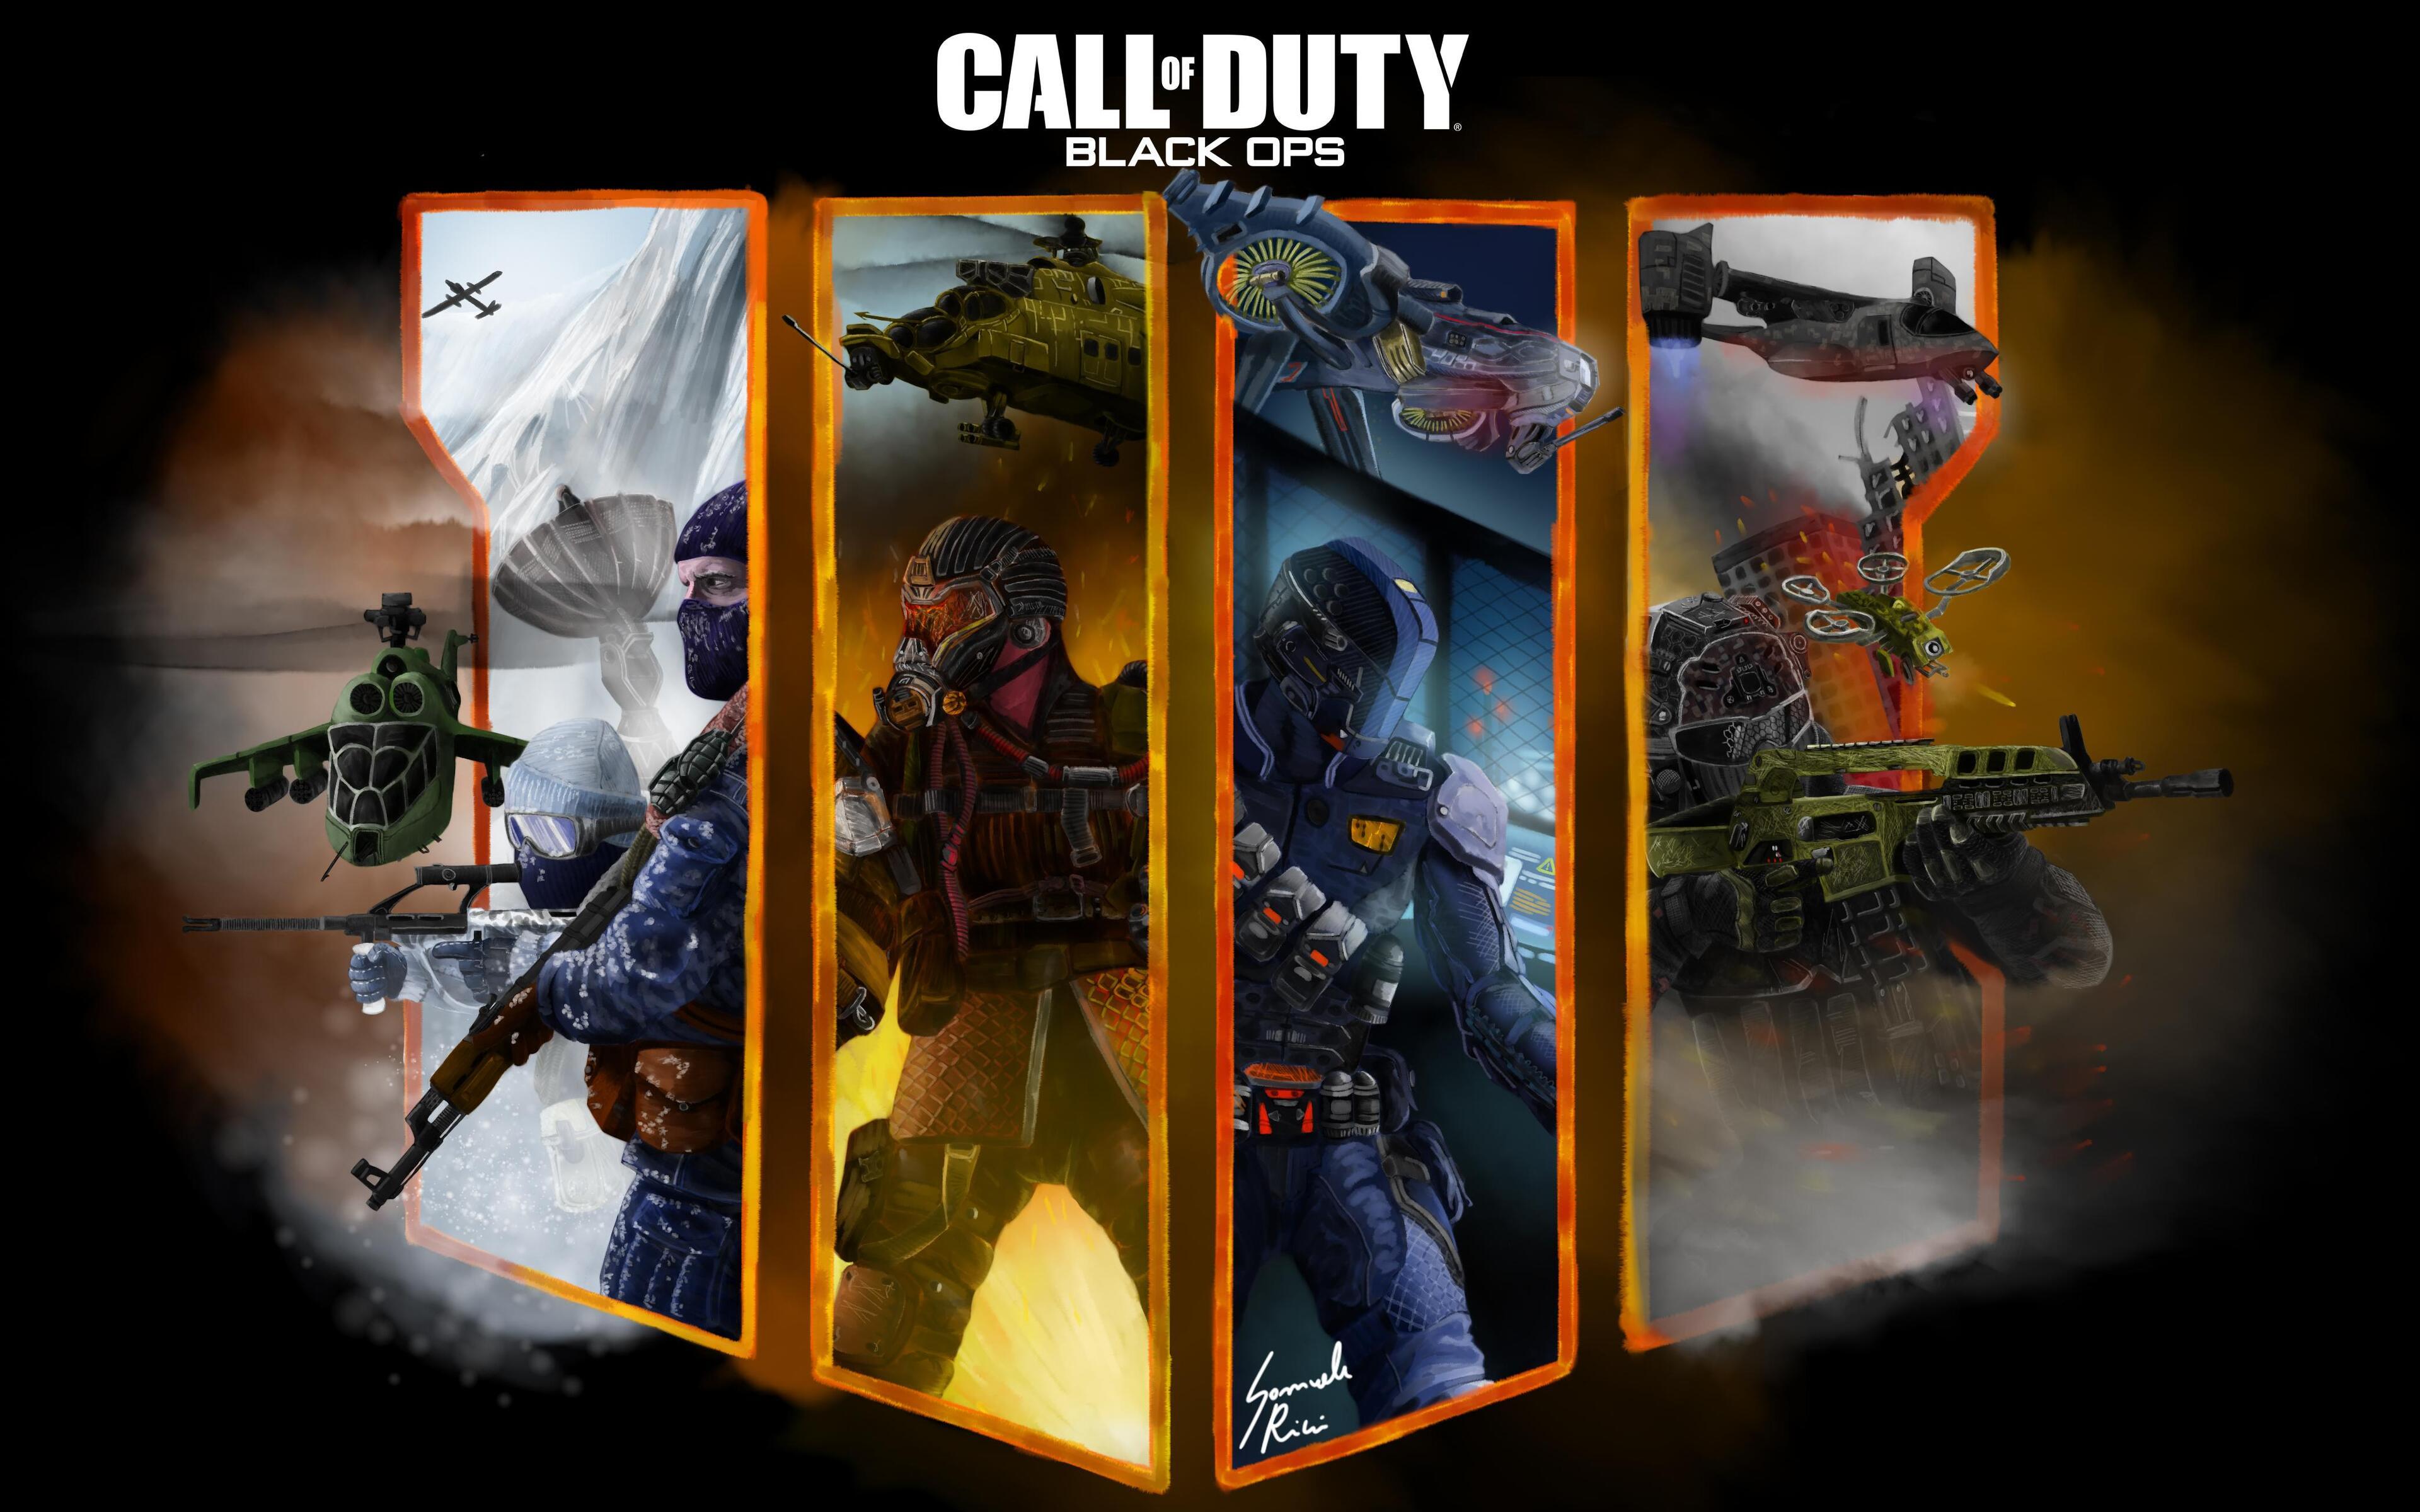 3840x2400 Call Of Duty Black Ops 4 Fan Art 4k 4k Hd 4k Wallpapers